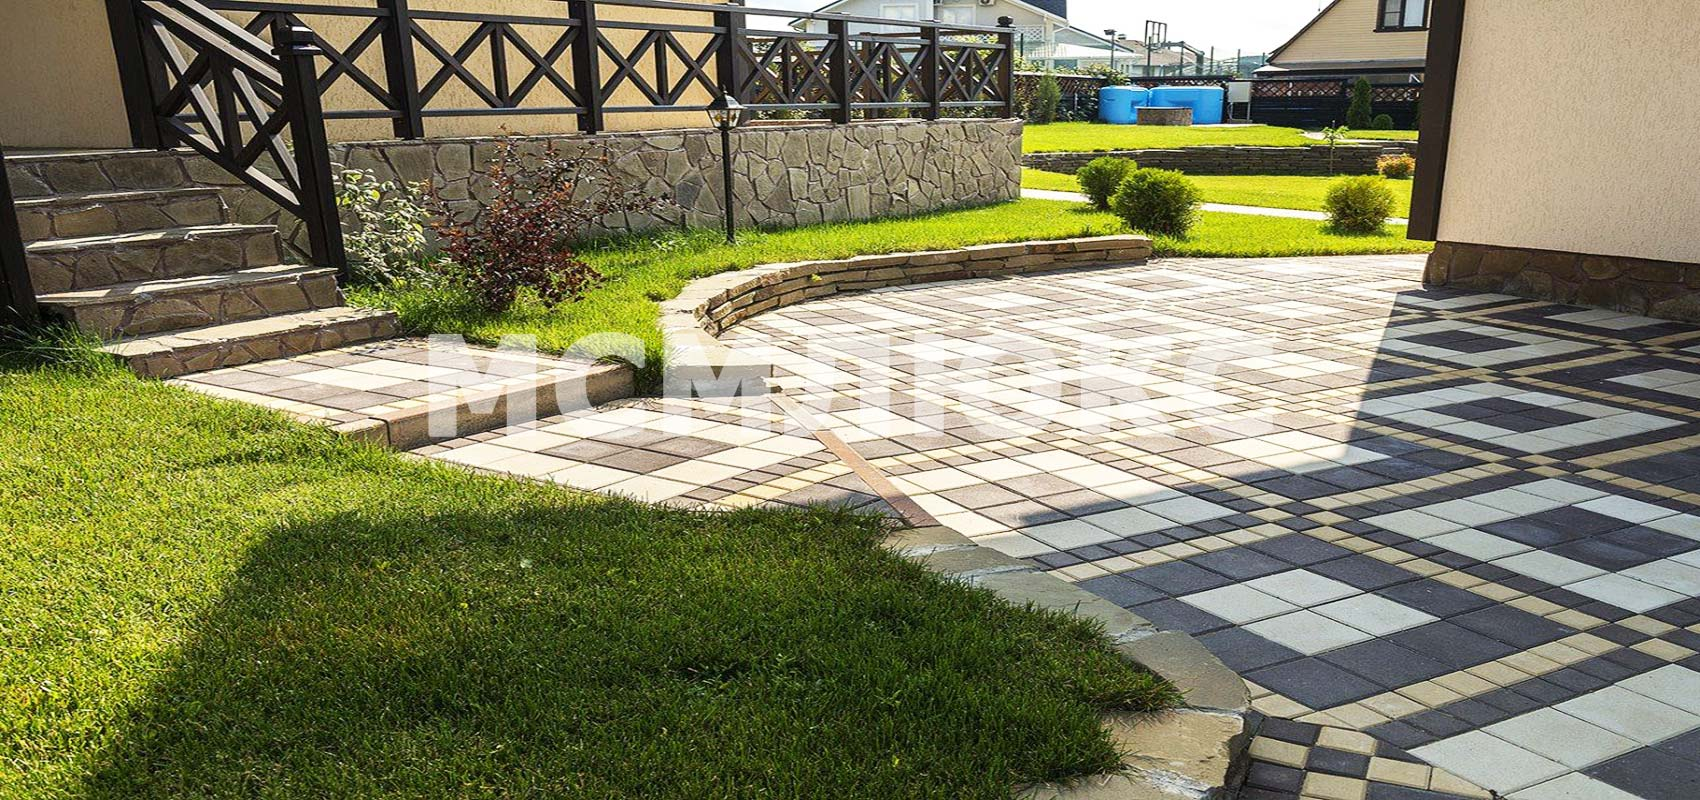 производство тротуарной плитки в воскресенском районе